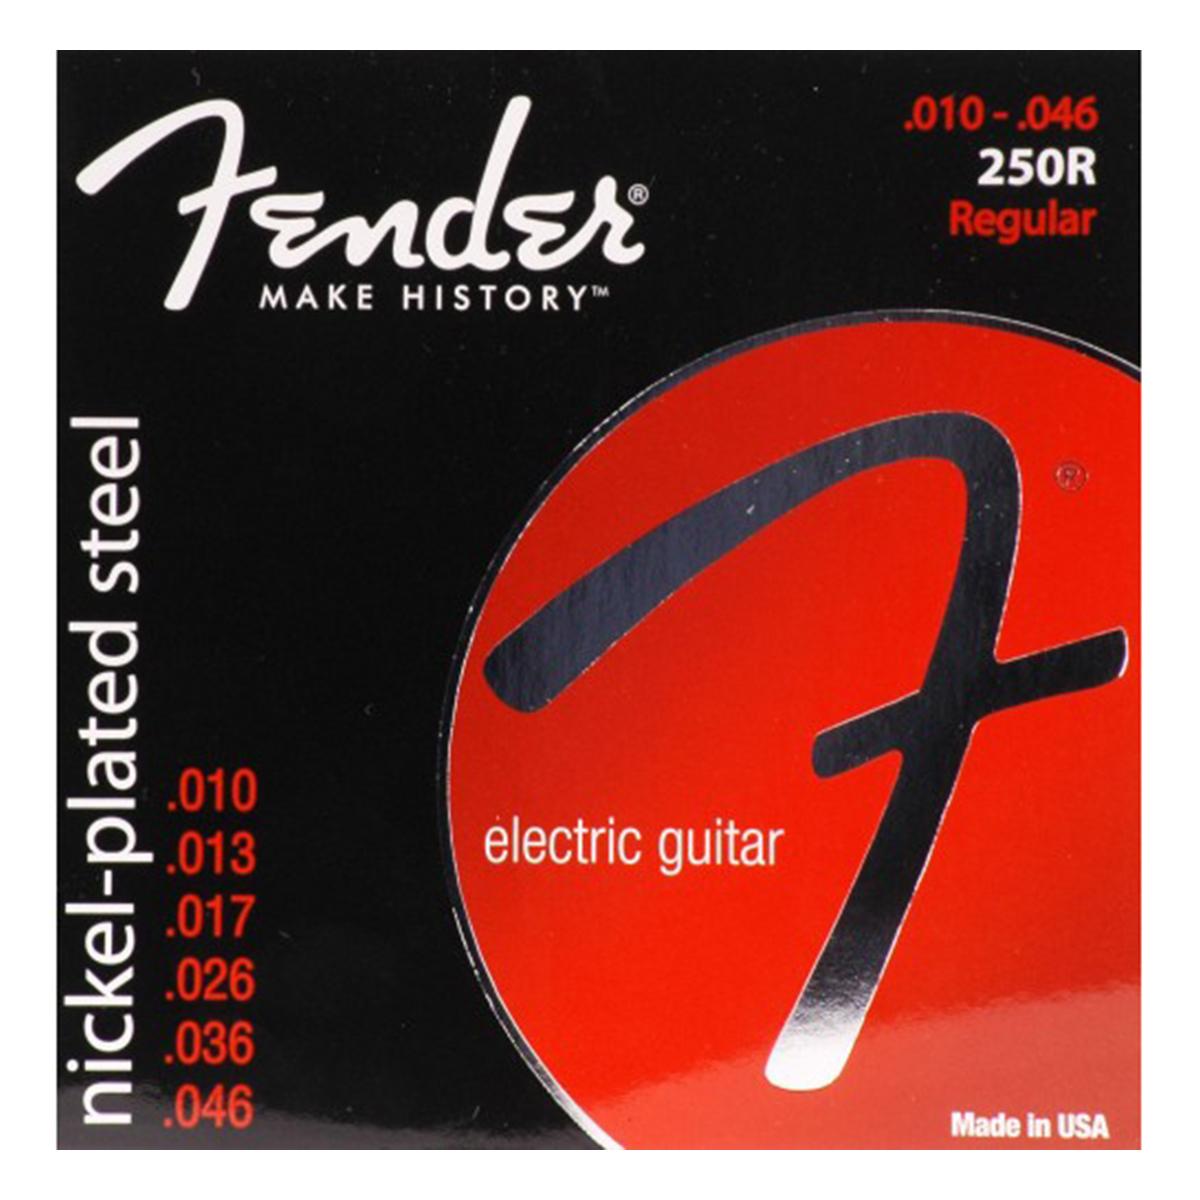 Fender - Jeu cordes guitare électrique - 250R - 10/46